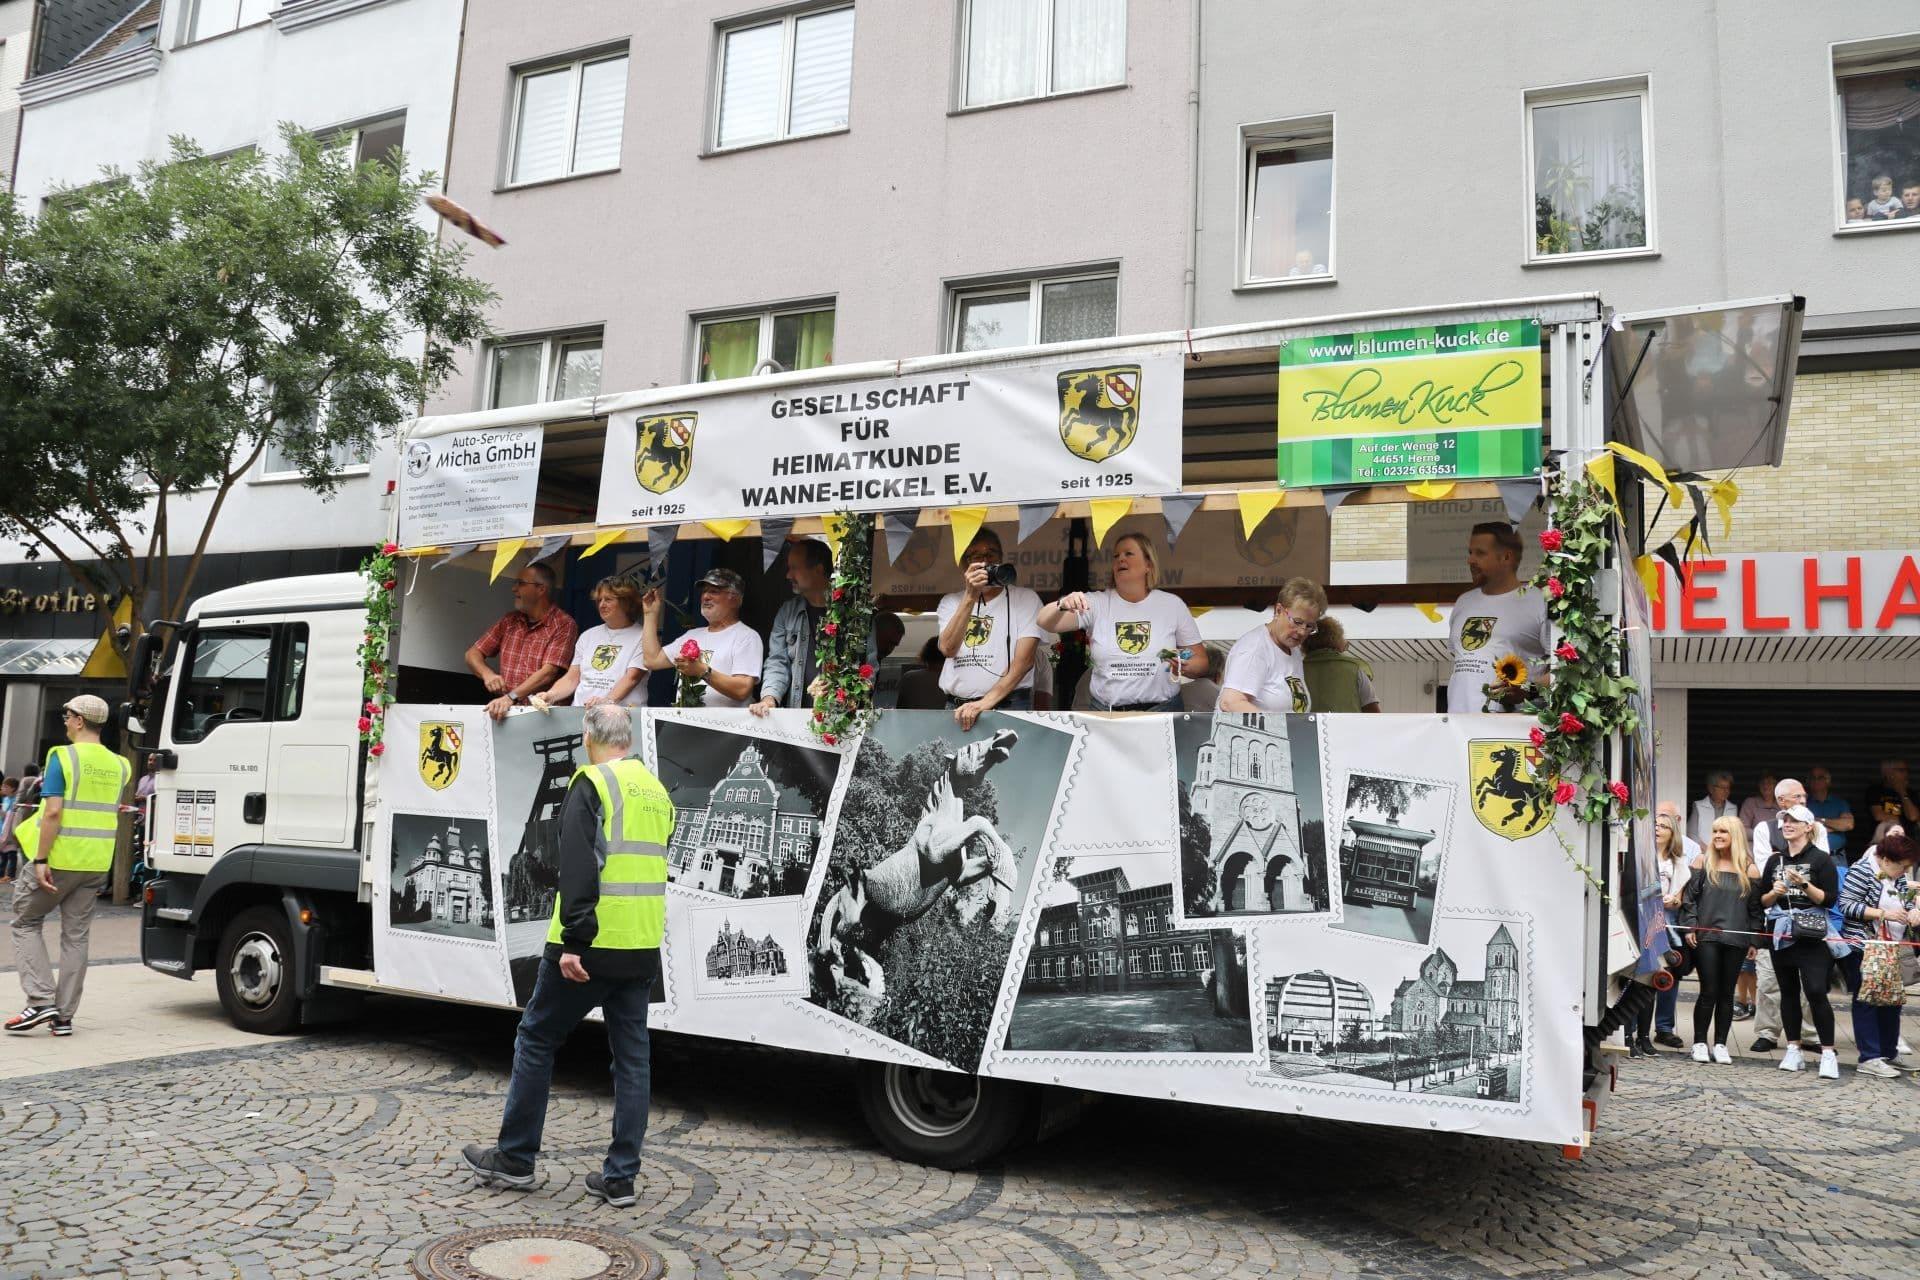 4 Wagen der Gesellschaft für Heimatkunde Wanne-Eickel.jpg